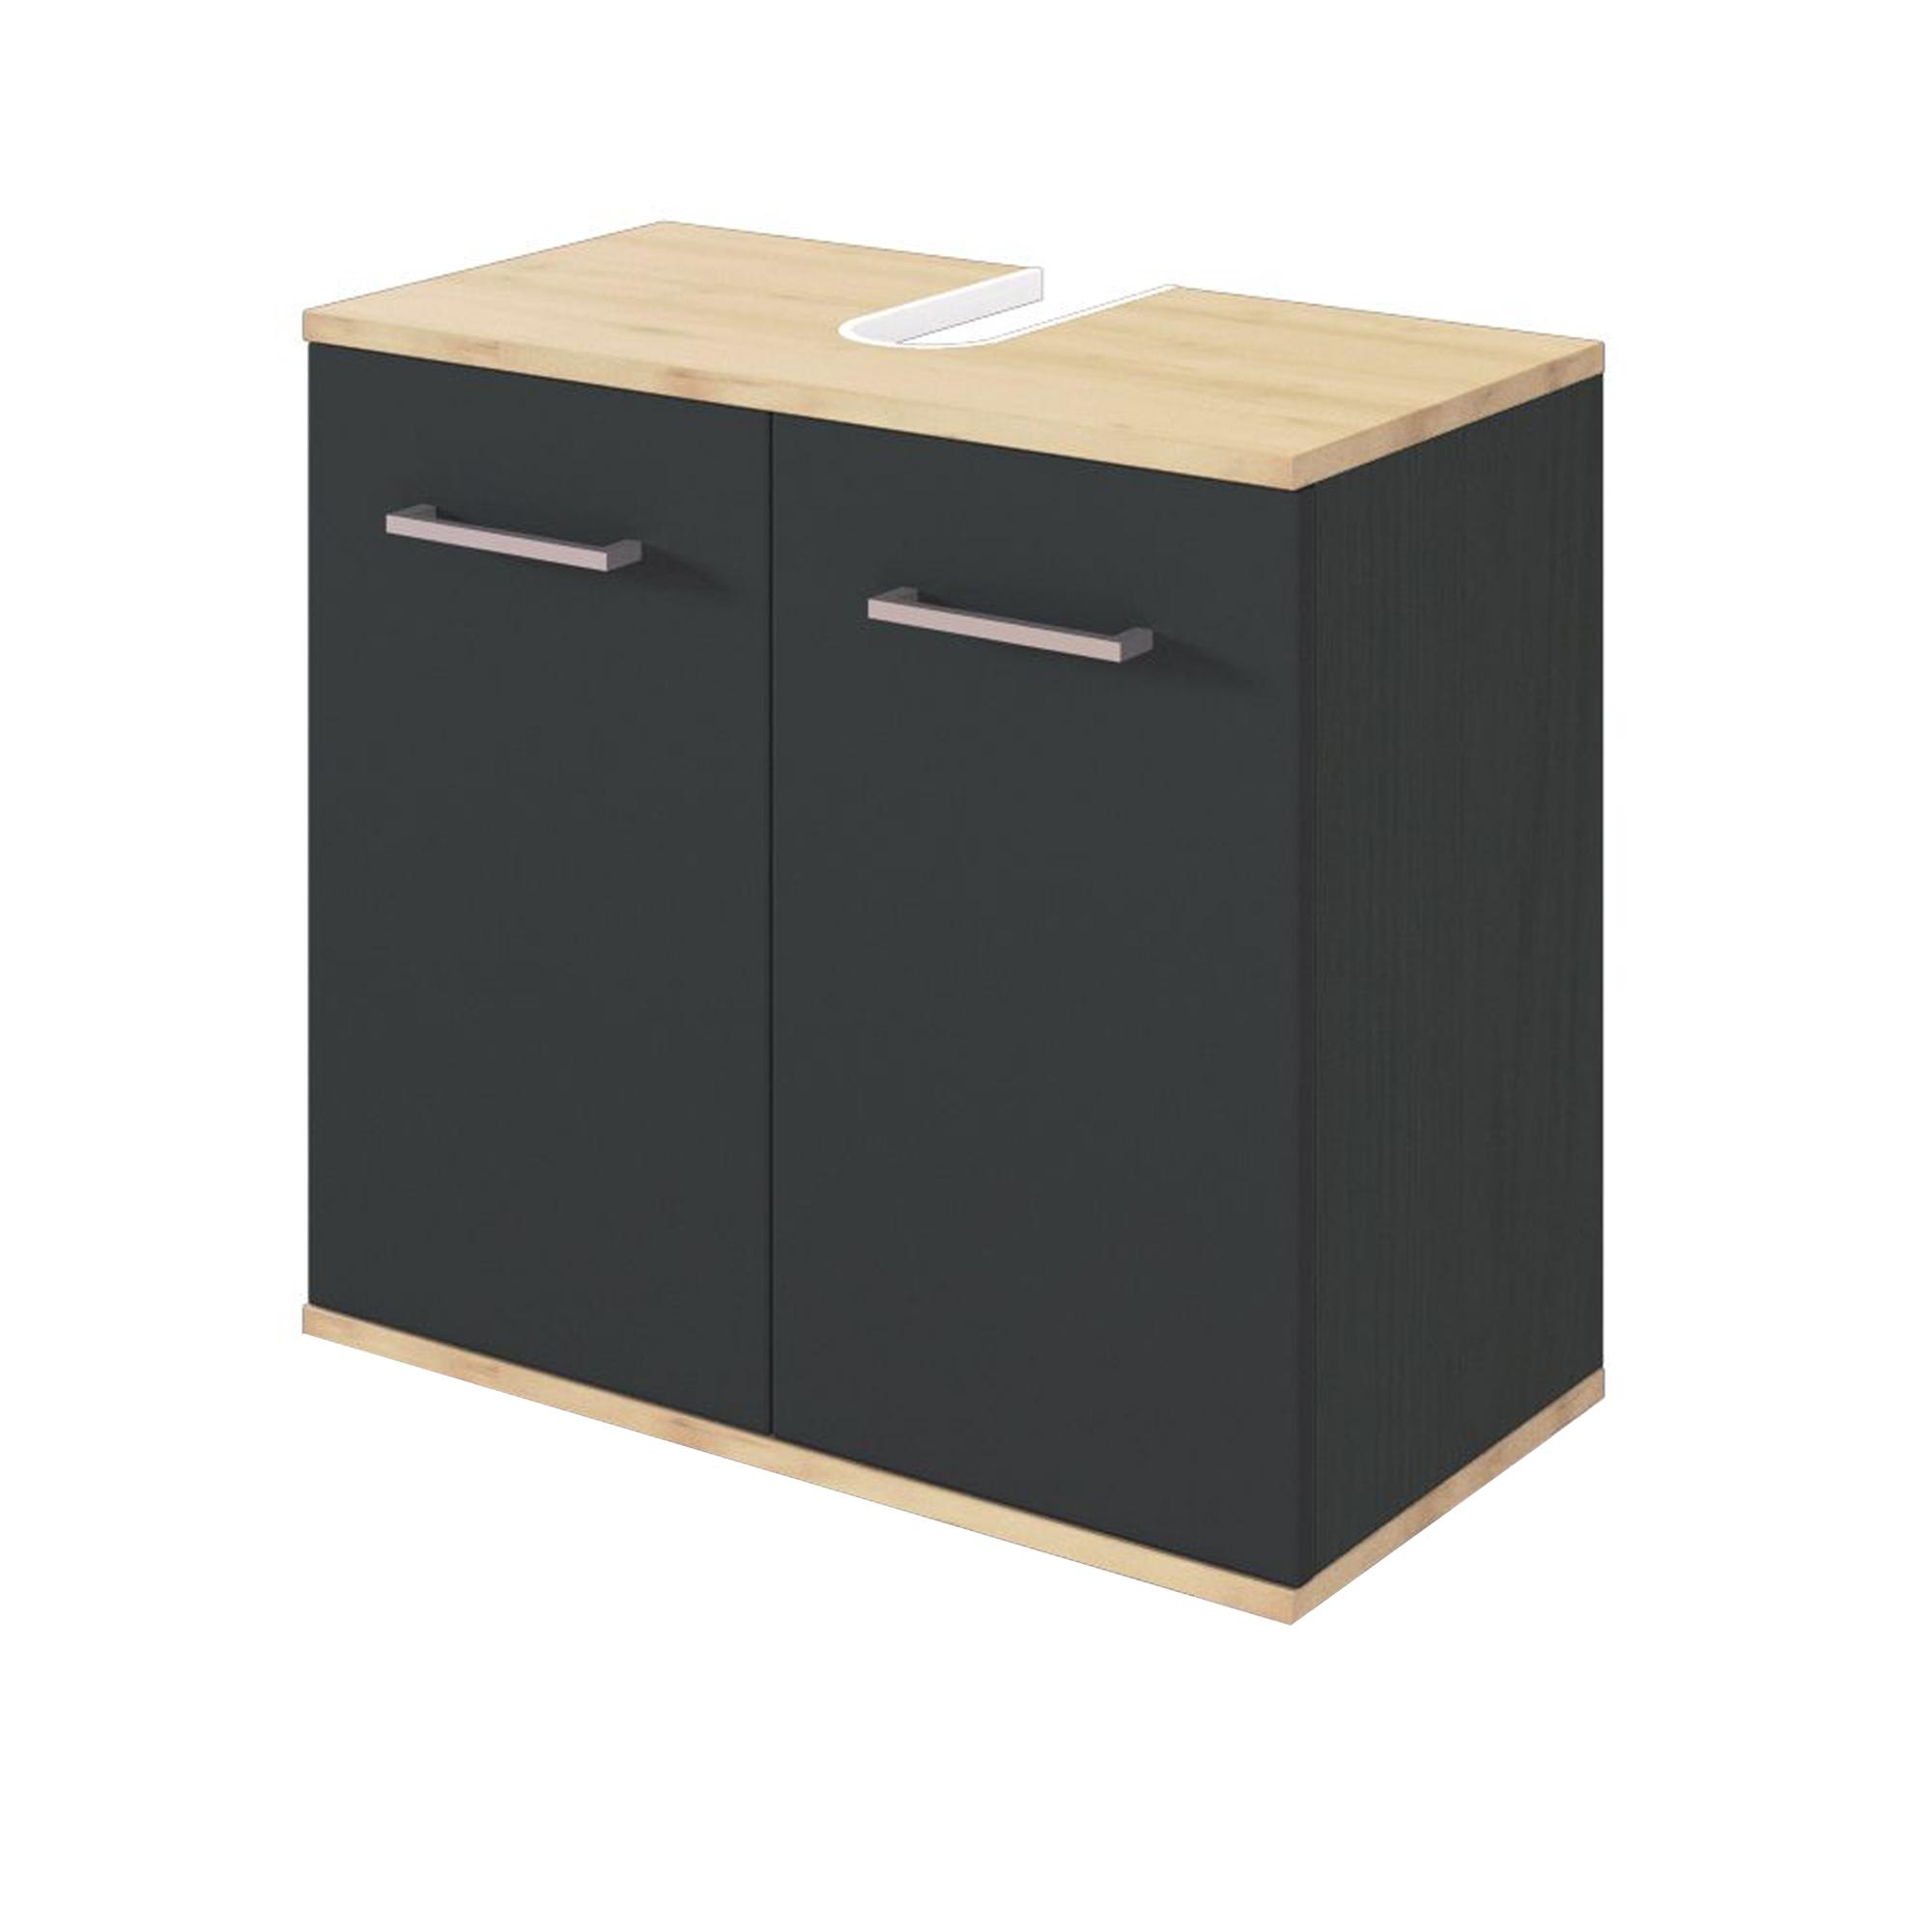 Bad waschbeckenunterschrank lynd 2 t rig 60 cm breit for Bad waschbeckenunterschrank